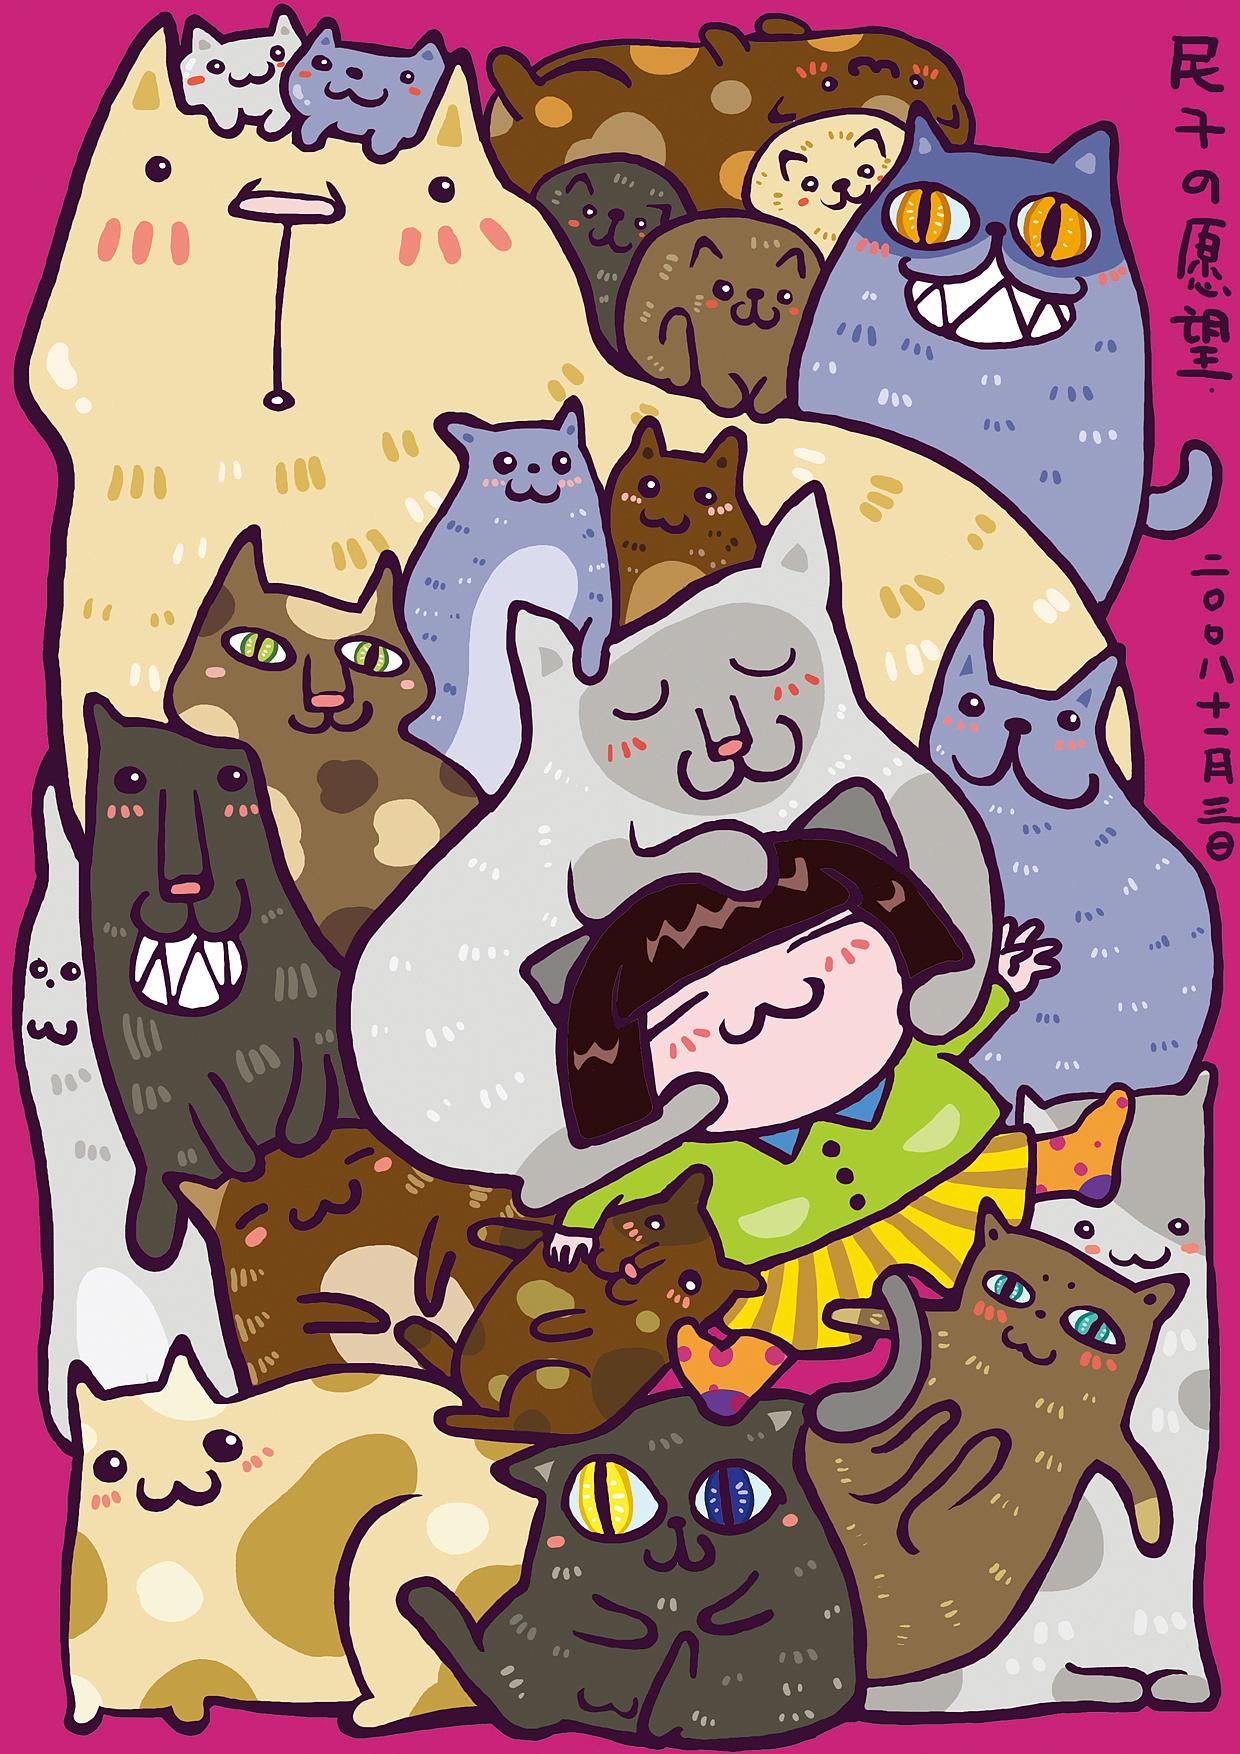 民子和很多猫咪在一起~~幸福